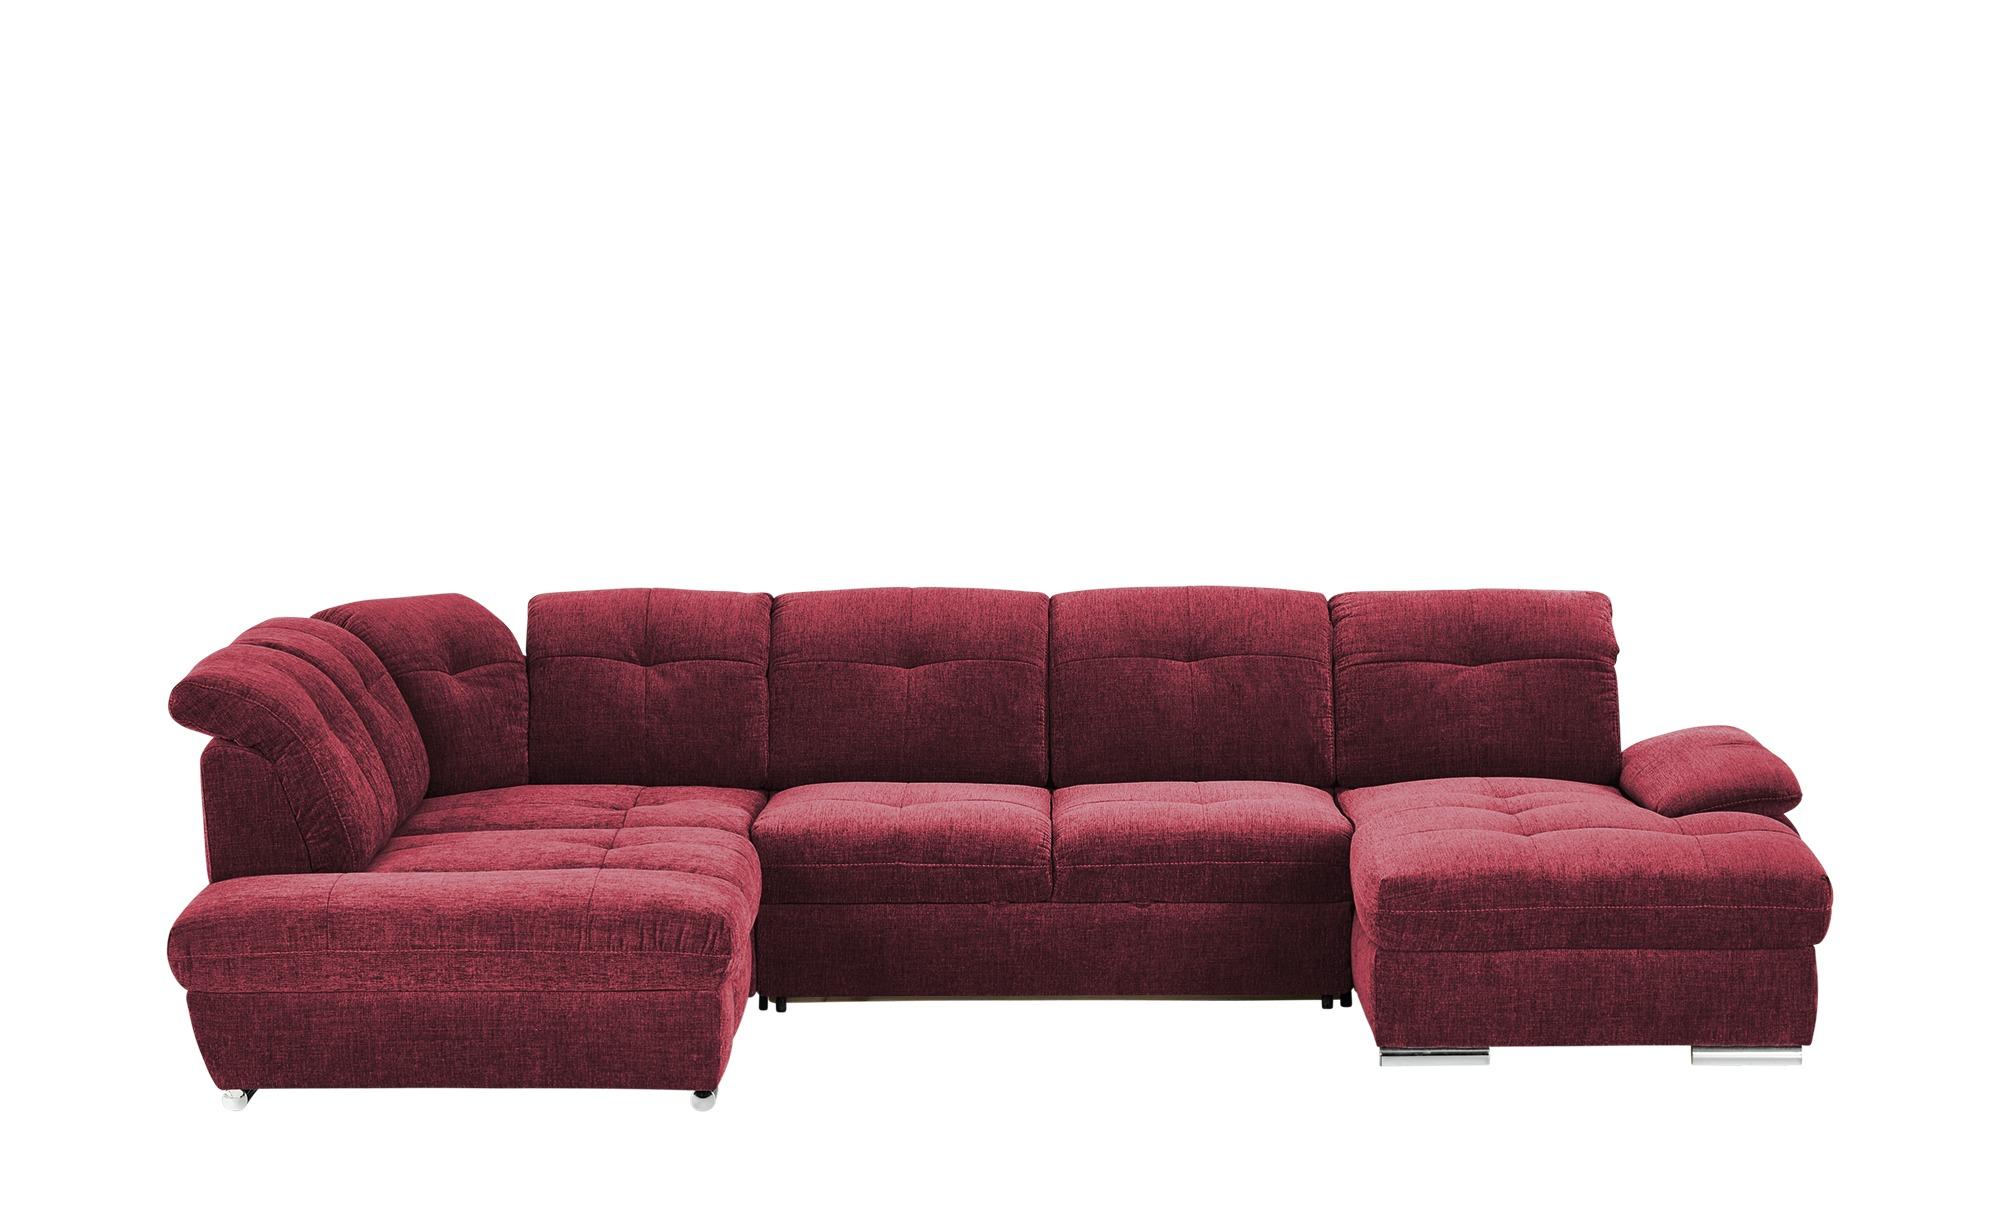 Wohnlandschaft  Gladys ¦ rot ¦ Maße (cm): B: 377 T: 197 Polstermöbel > Sofas > Schlafsofas - Höffner